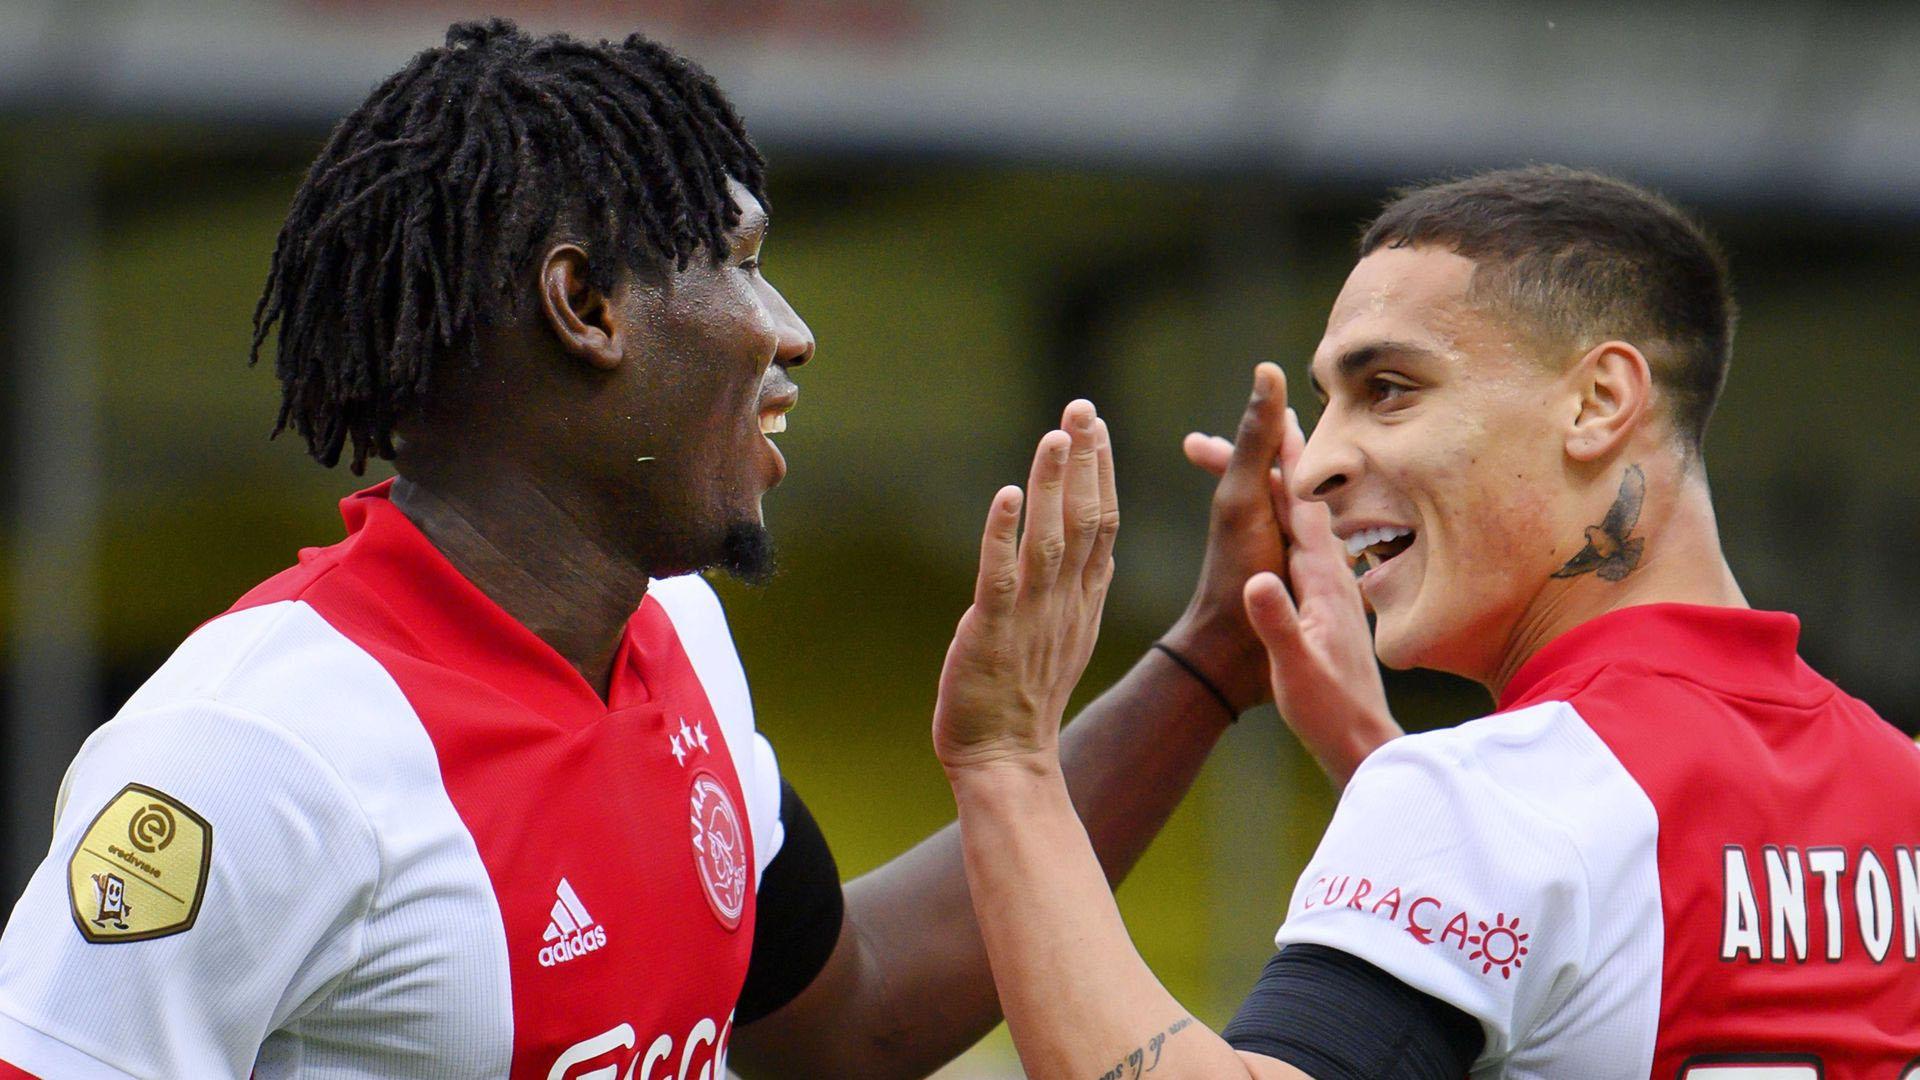 """أجاكس يحقق أكبر فوز في تاريخ الدوري الهولندي على فريق """"في في في فينلو"""""""